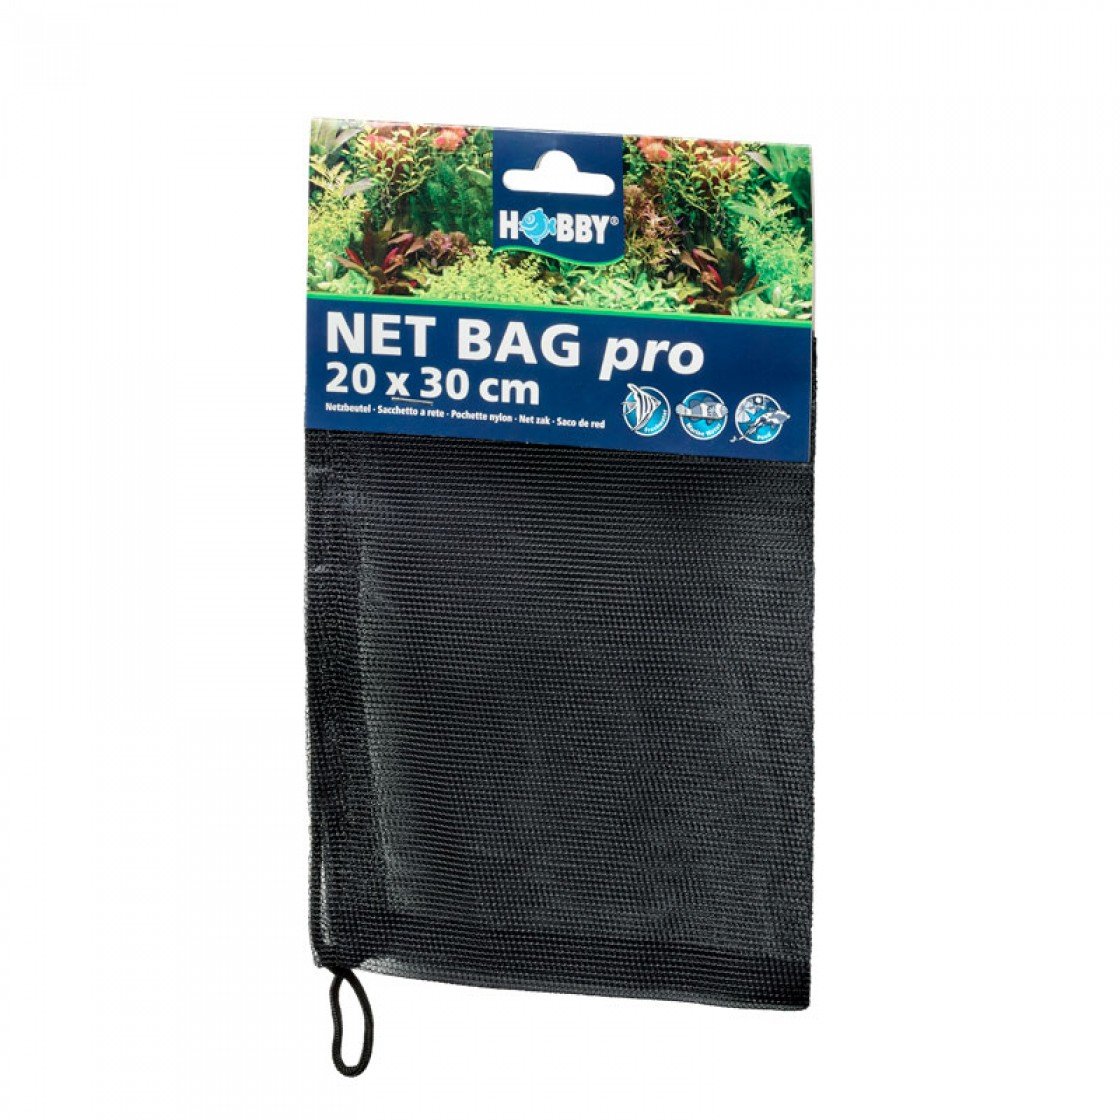 Hobby Net Bag pro 20 x 30cm